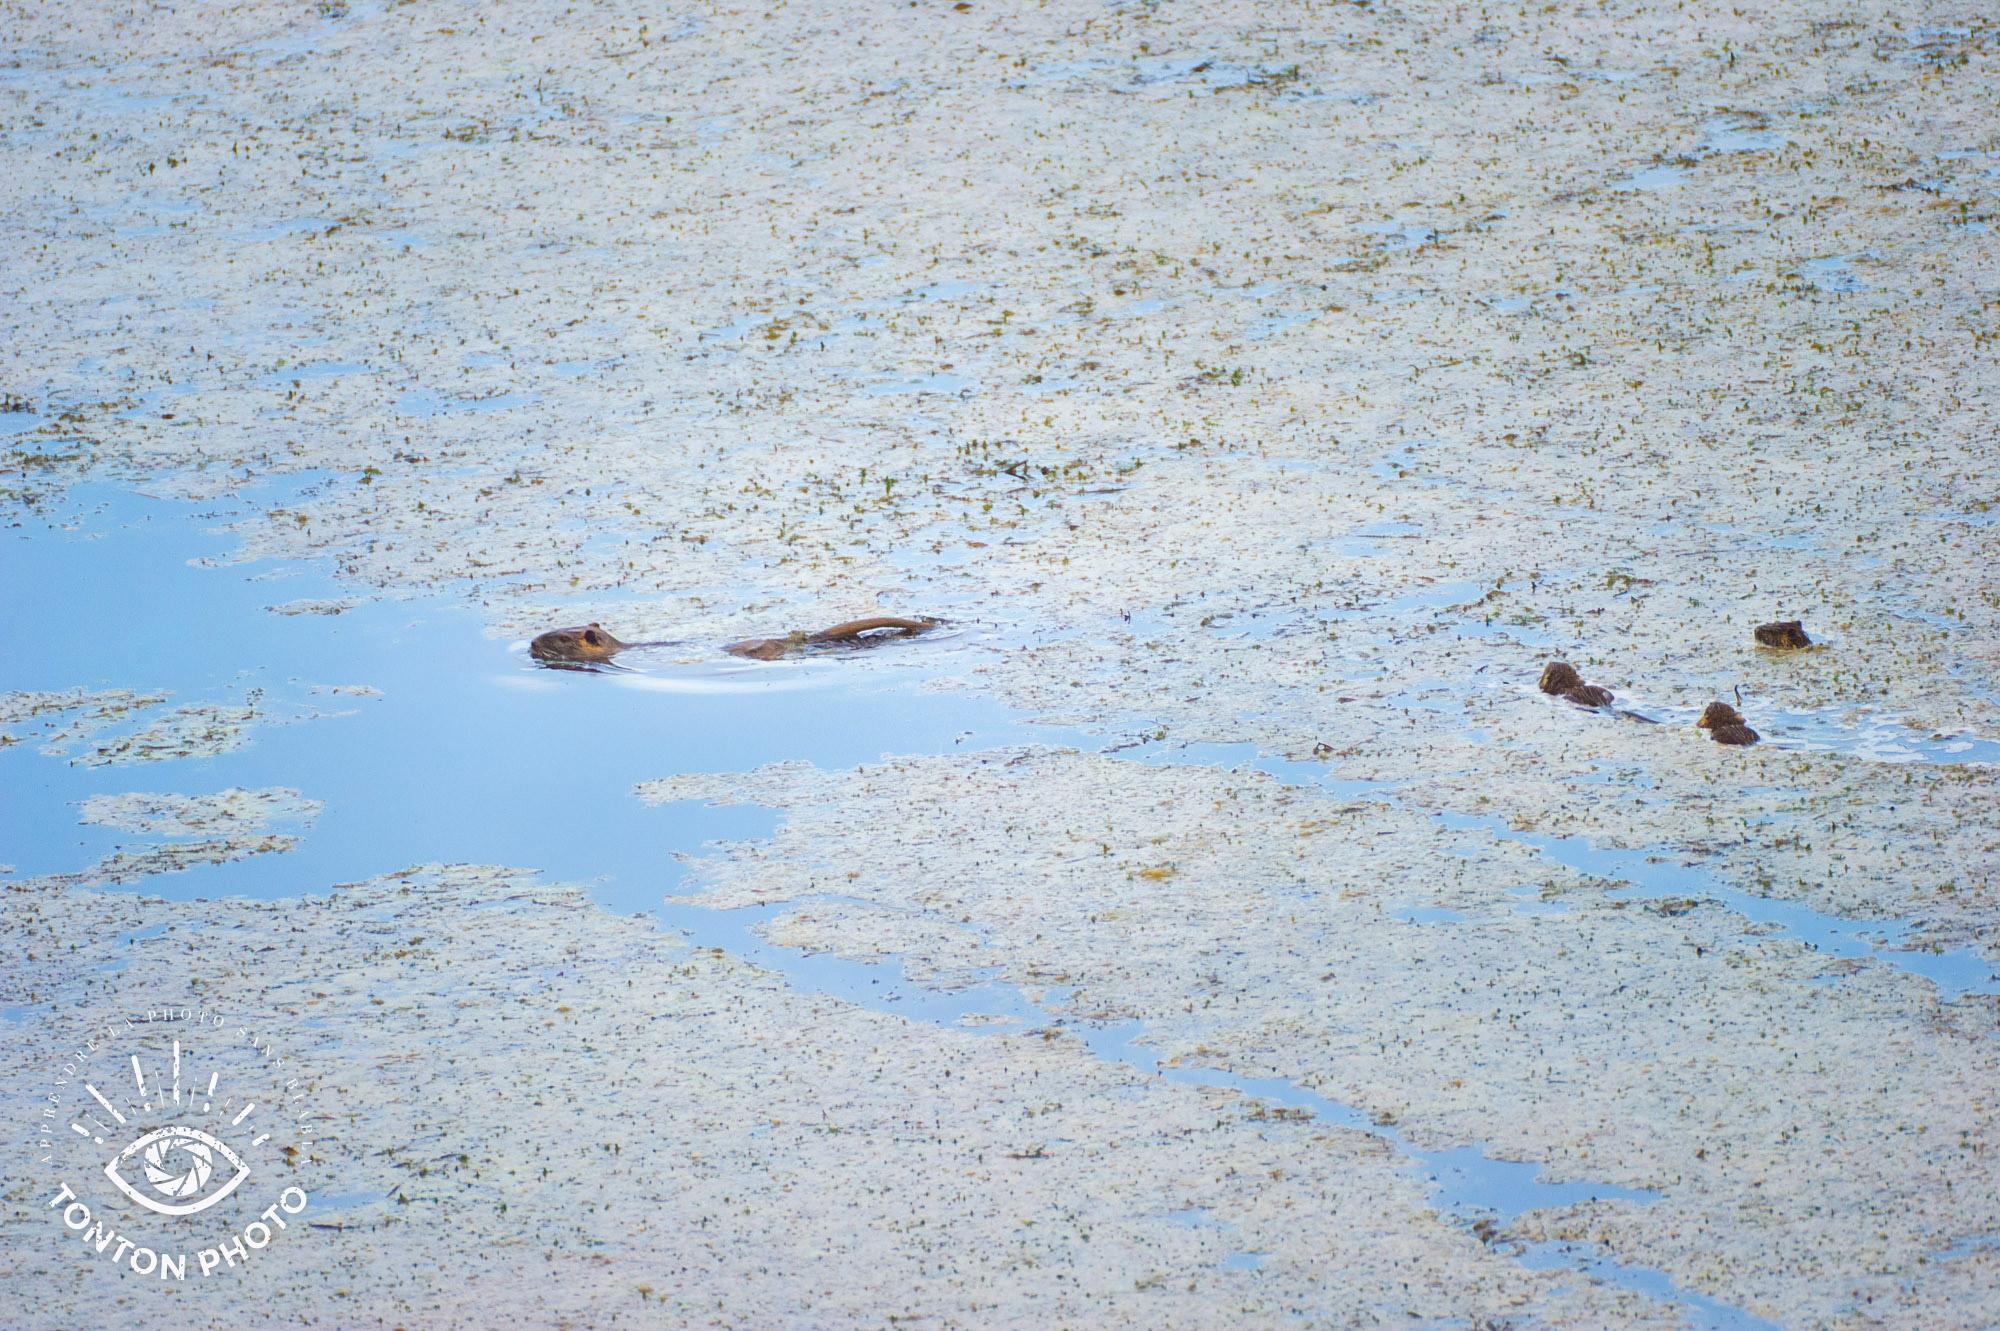 Une famille de ragondins. Télé-objectif Samyang 500mm f/6.3 MC IF © Tonton Photo